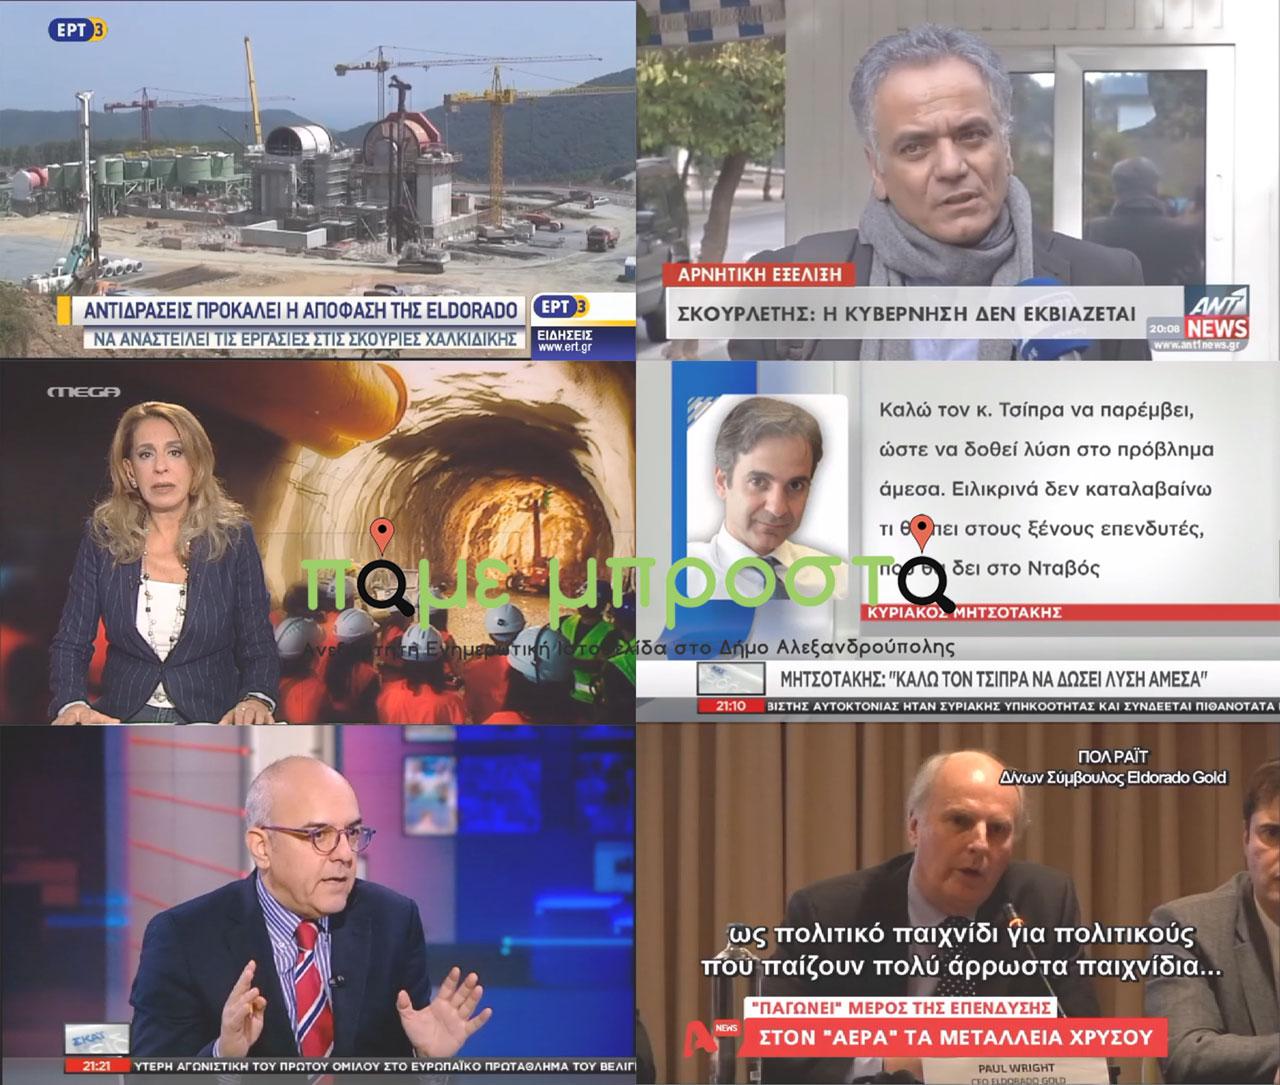 Αναστολή επενδύσεων και απολύσεις στις Σκουριές (Ειδήσεις 12/1/2016)